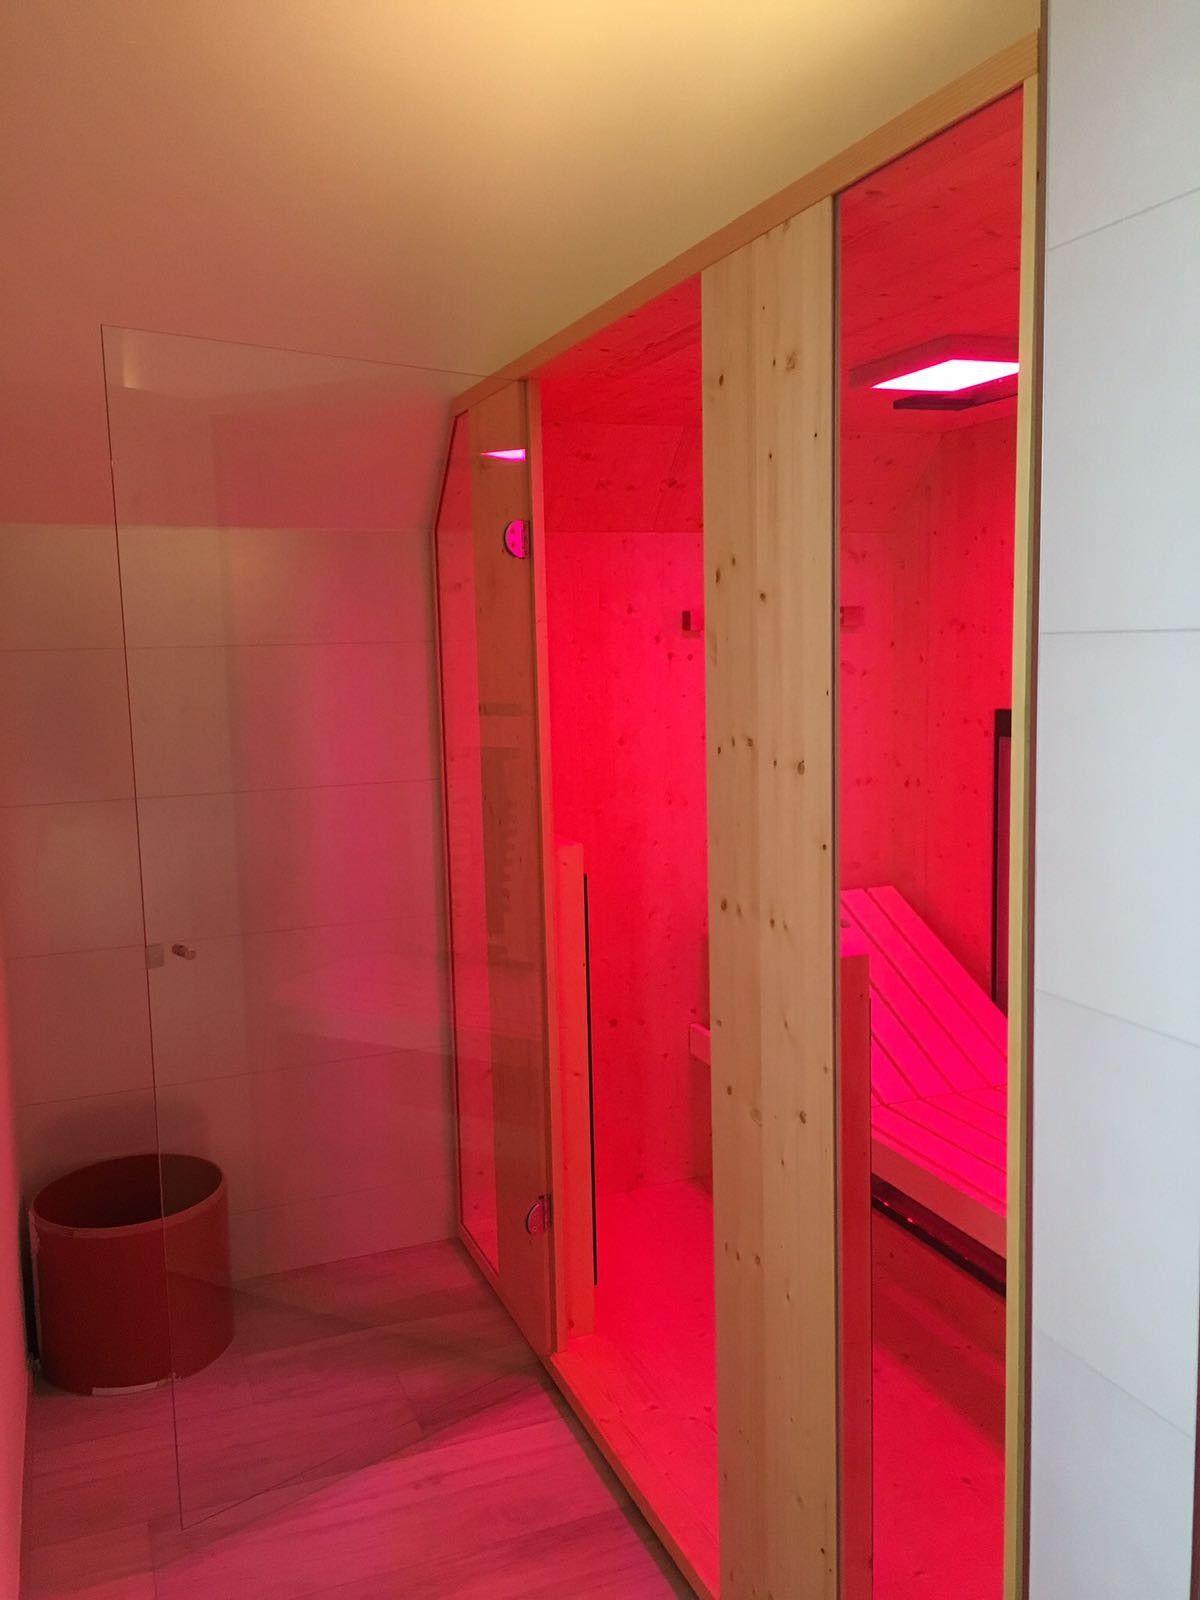 Warmekabine Im Badezimmer Diese Infrarotkabine Mit Tiefenwarme Wurde In Ein Badezimmer Integriert Durch Ihre Grosse Un Infrarotkabine Deckenstrahler Strahler